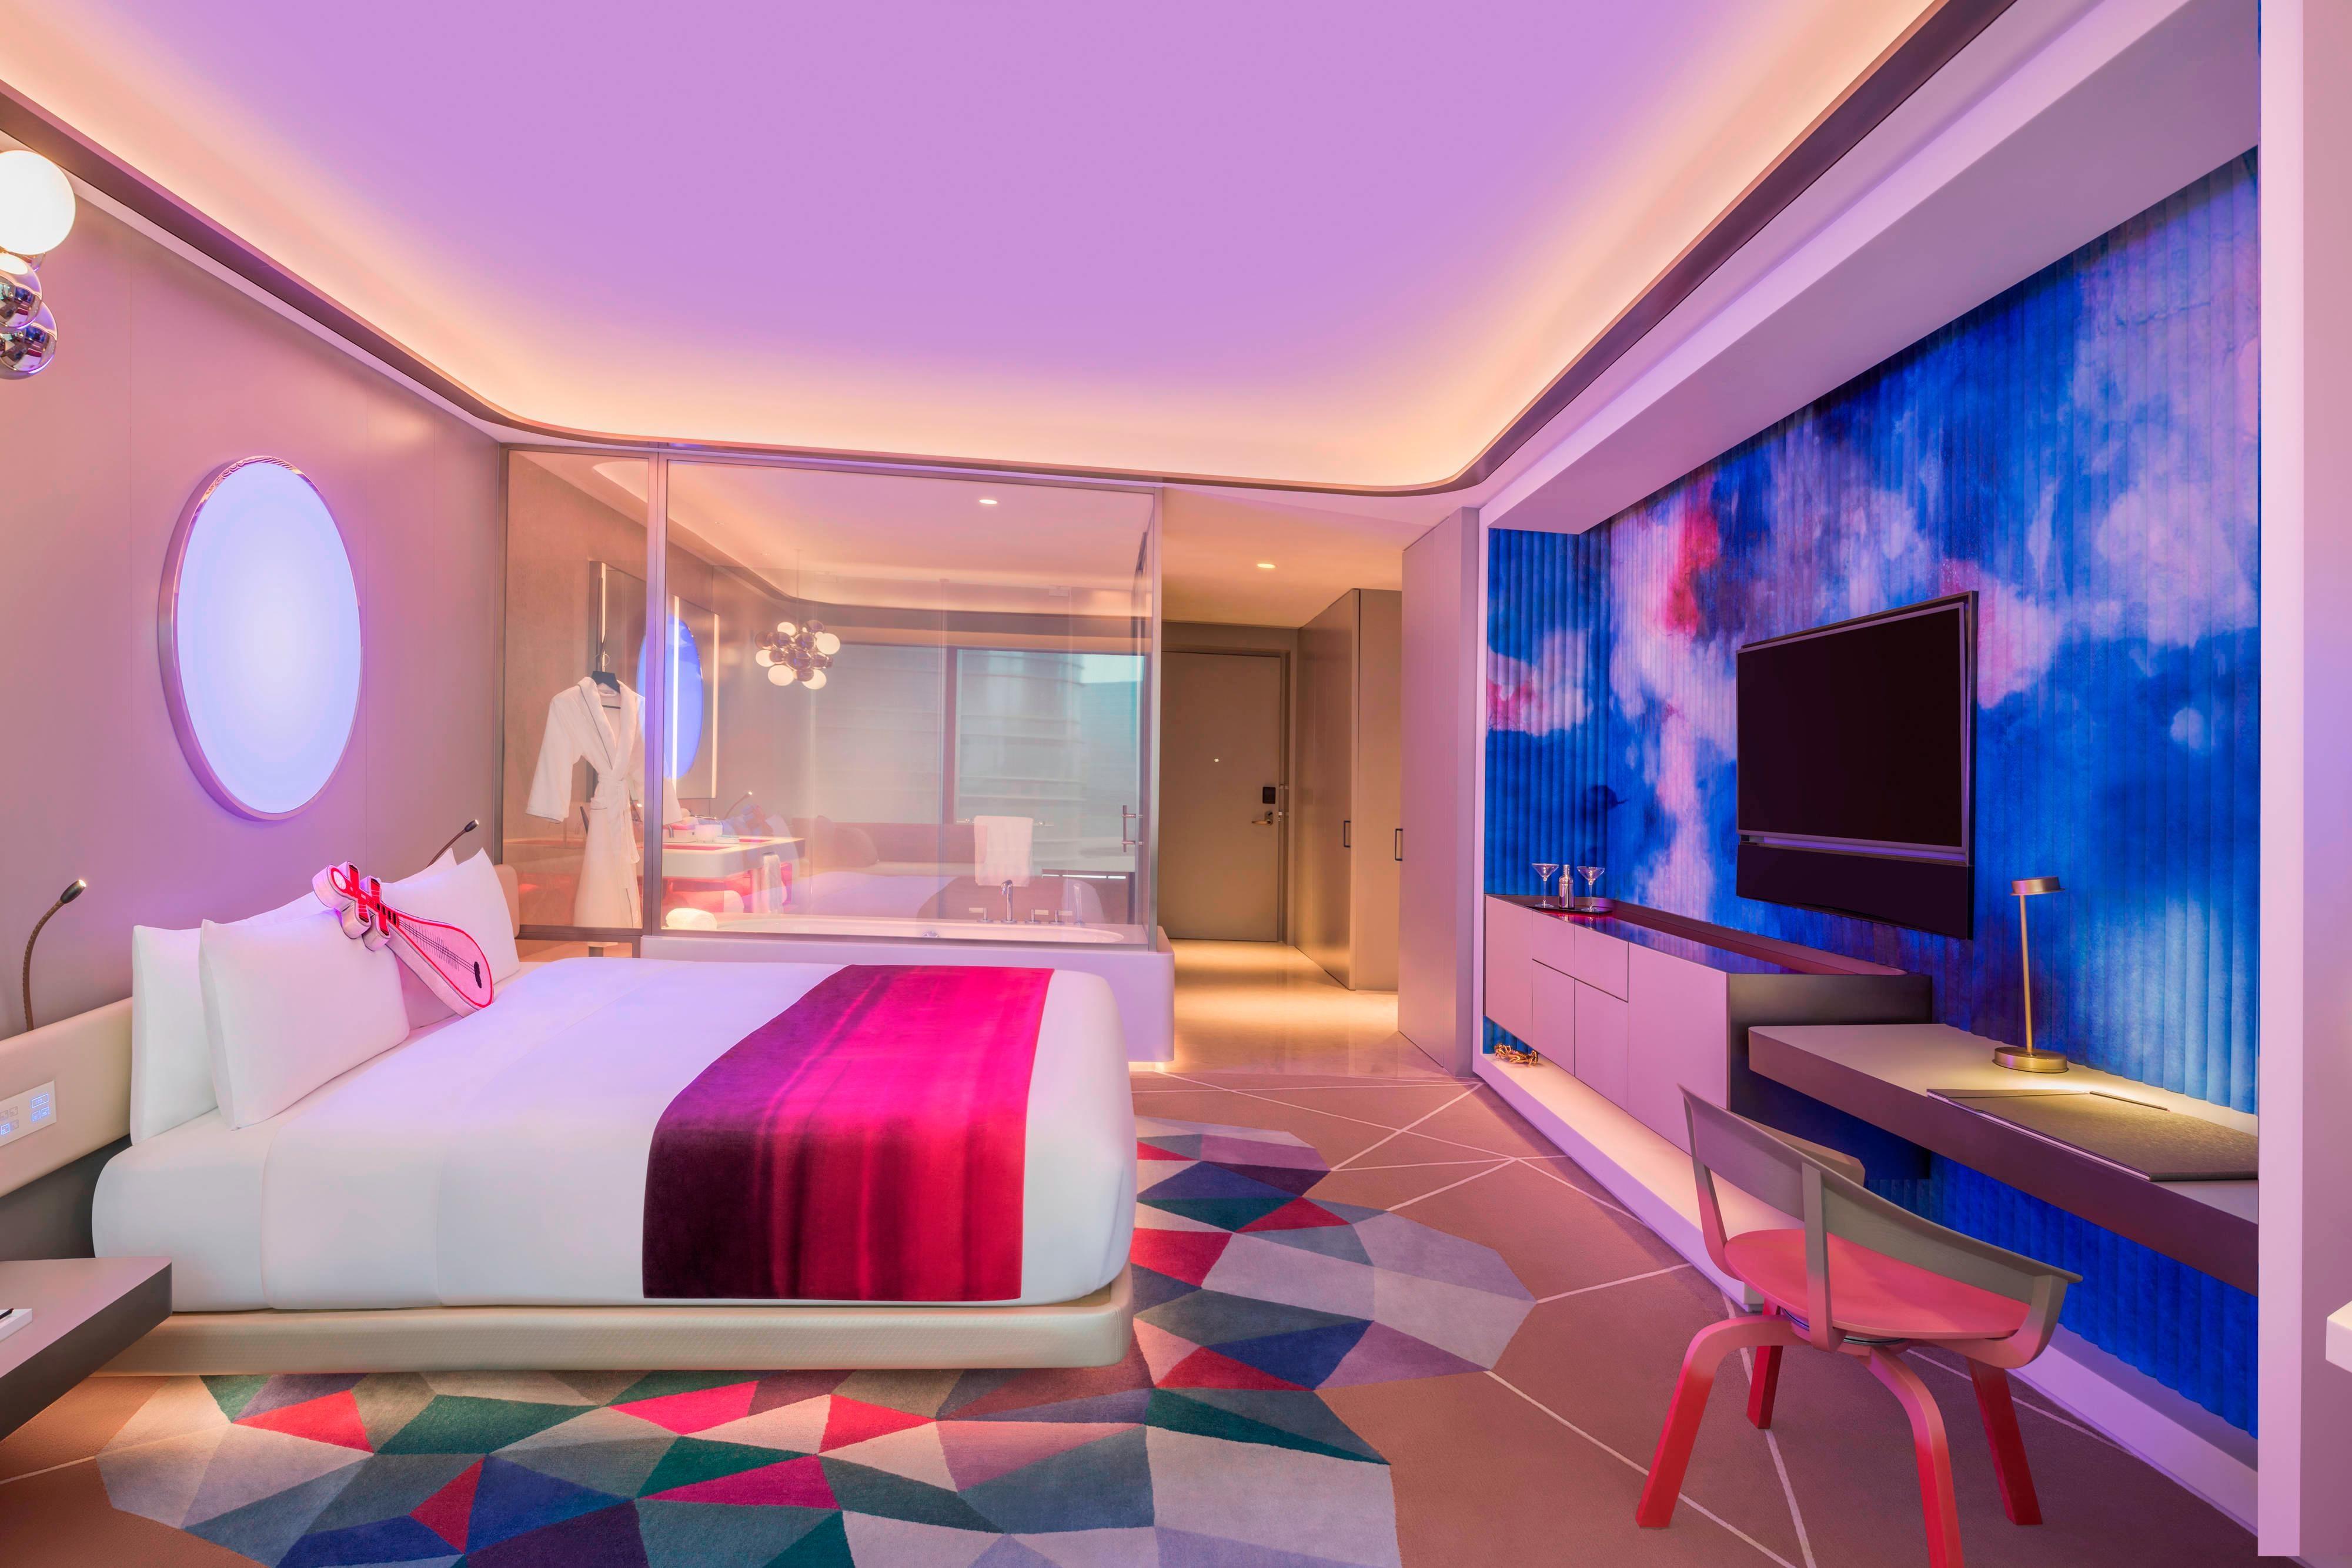 Spectacular Room Bedroom